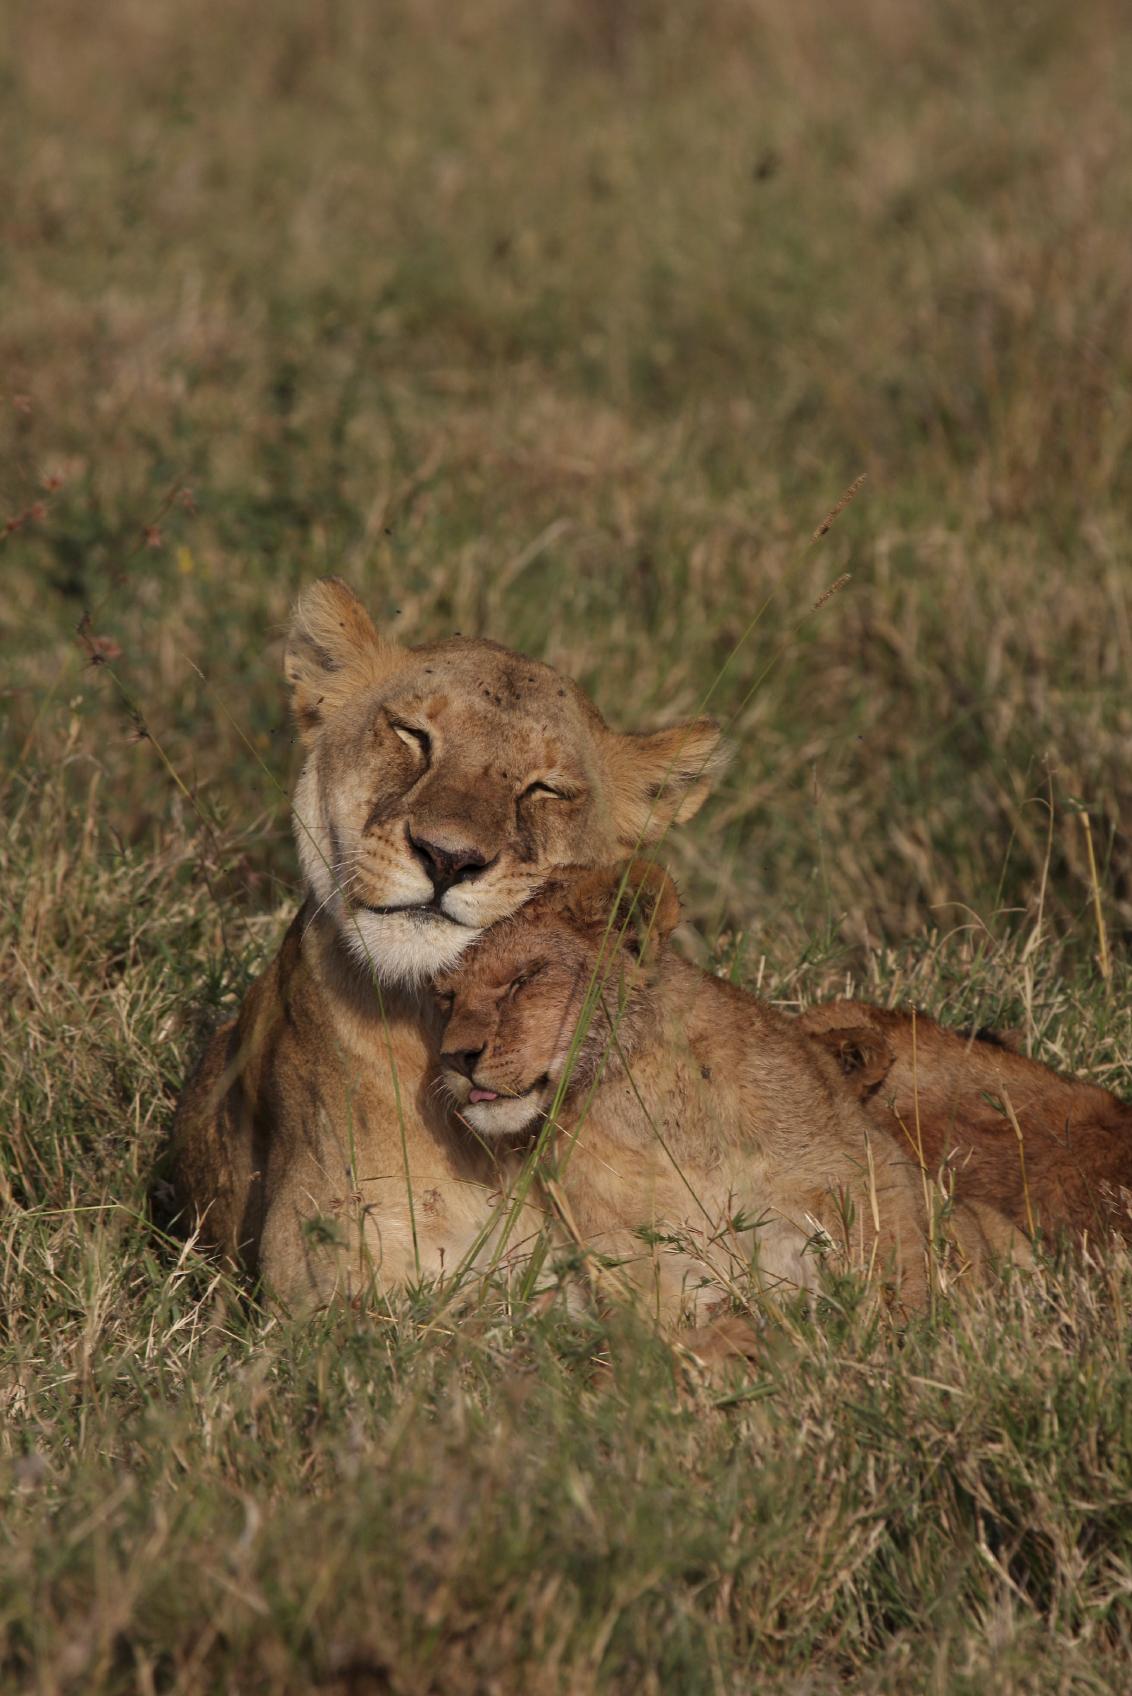 Mammals For Ks1 And Ks2